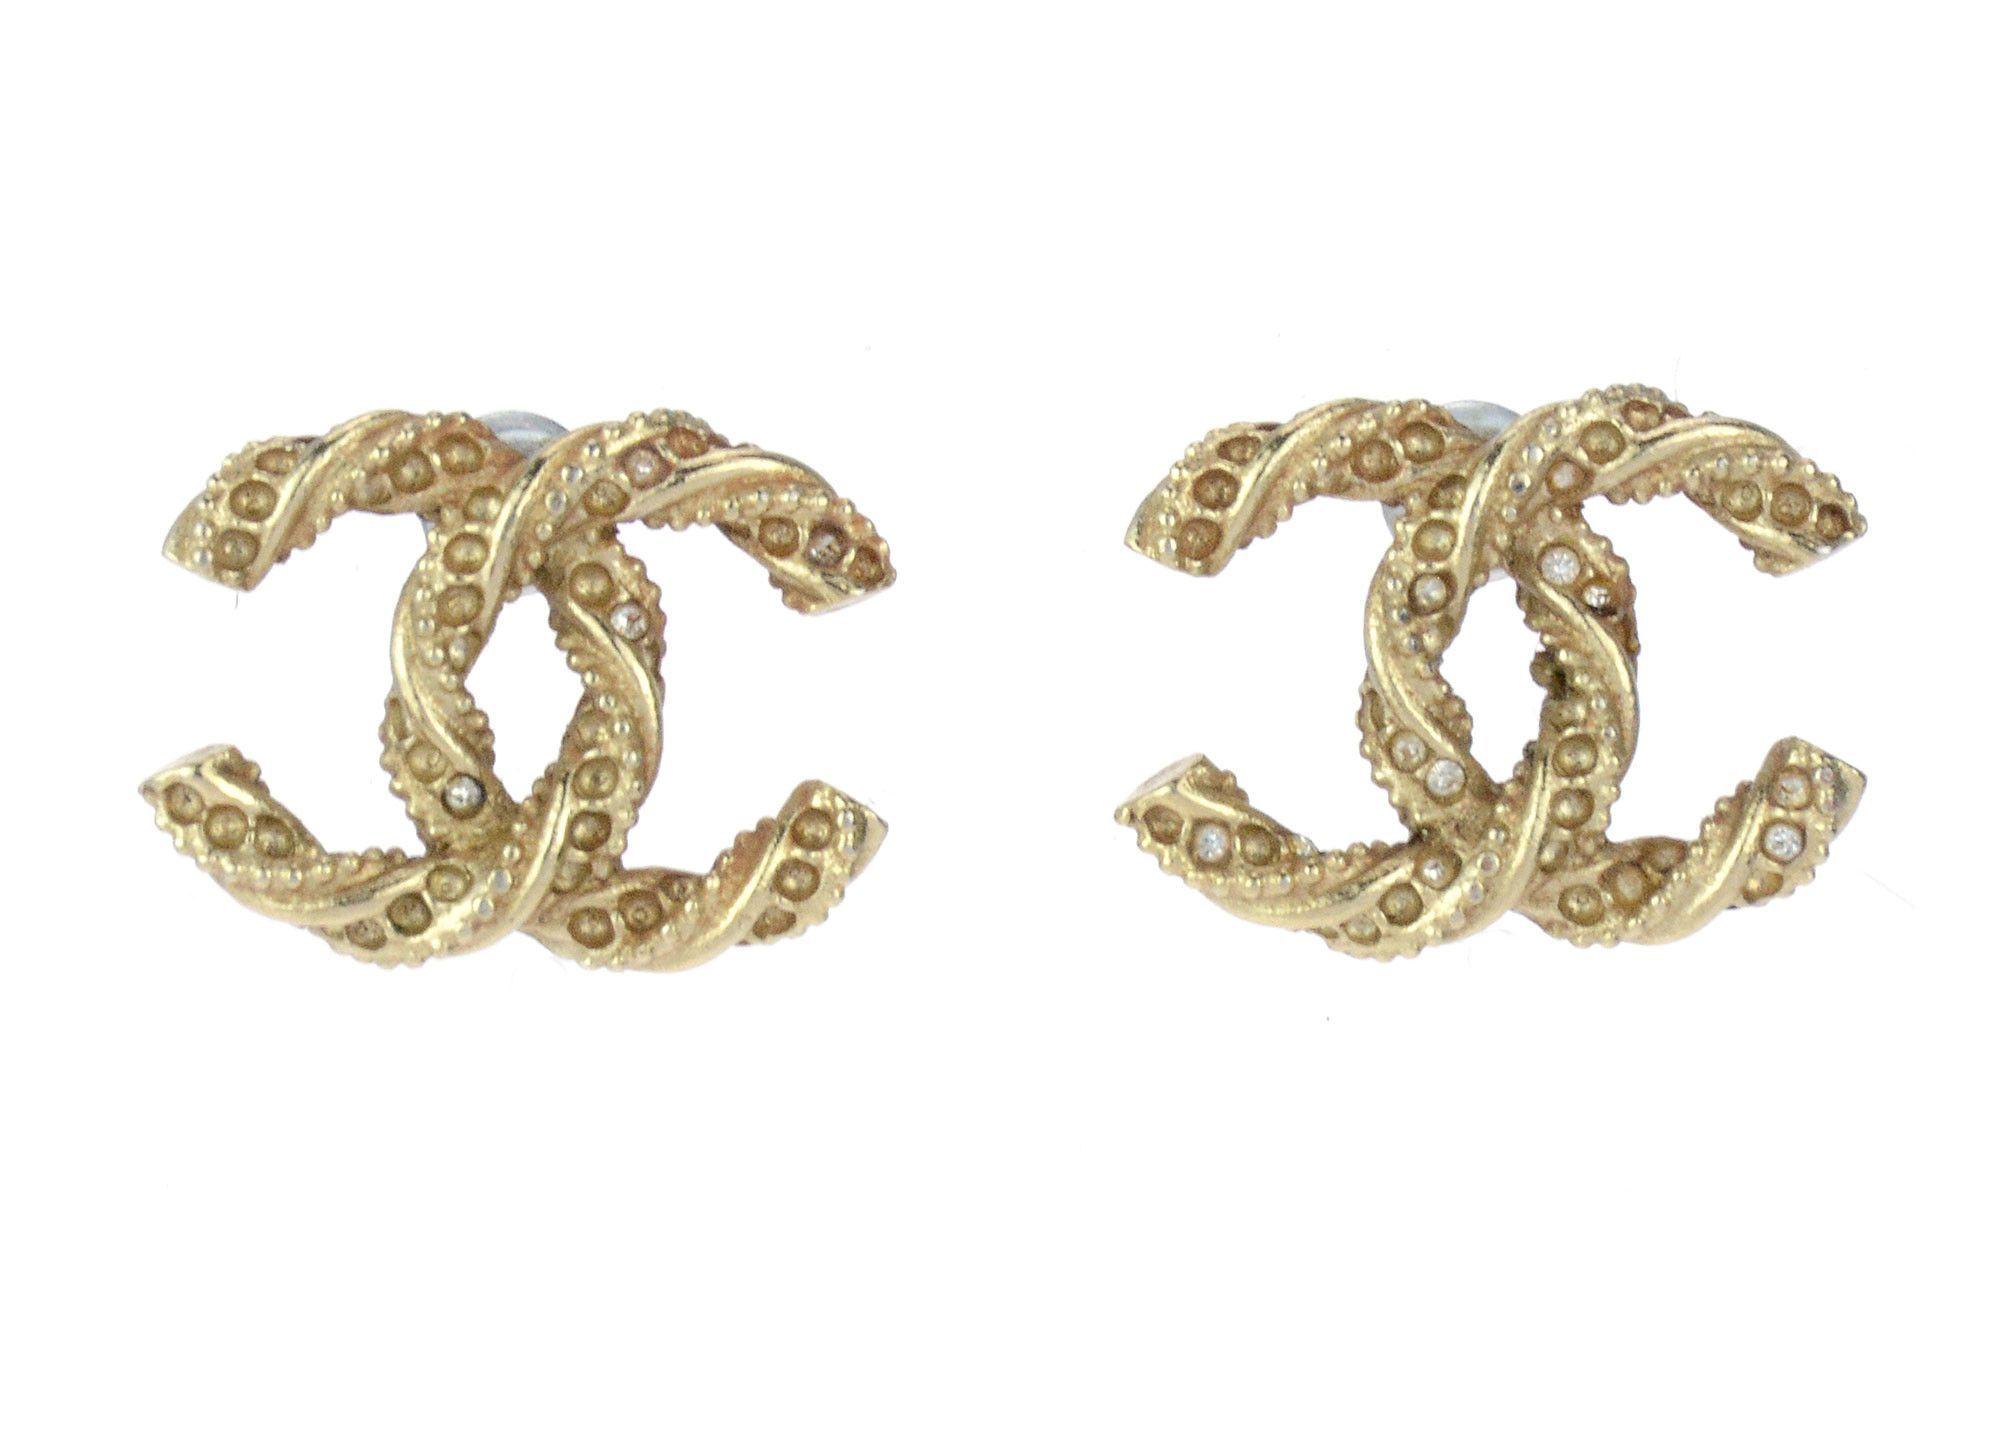 Chanel Gold Twisted CC Logo Earrings Twist jewelry